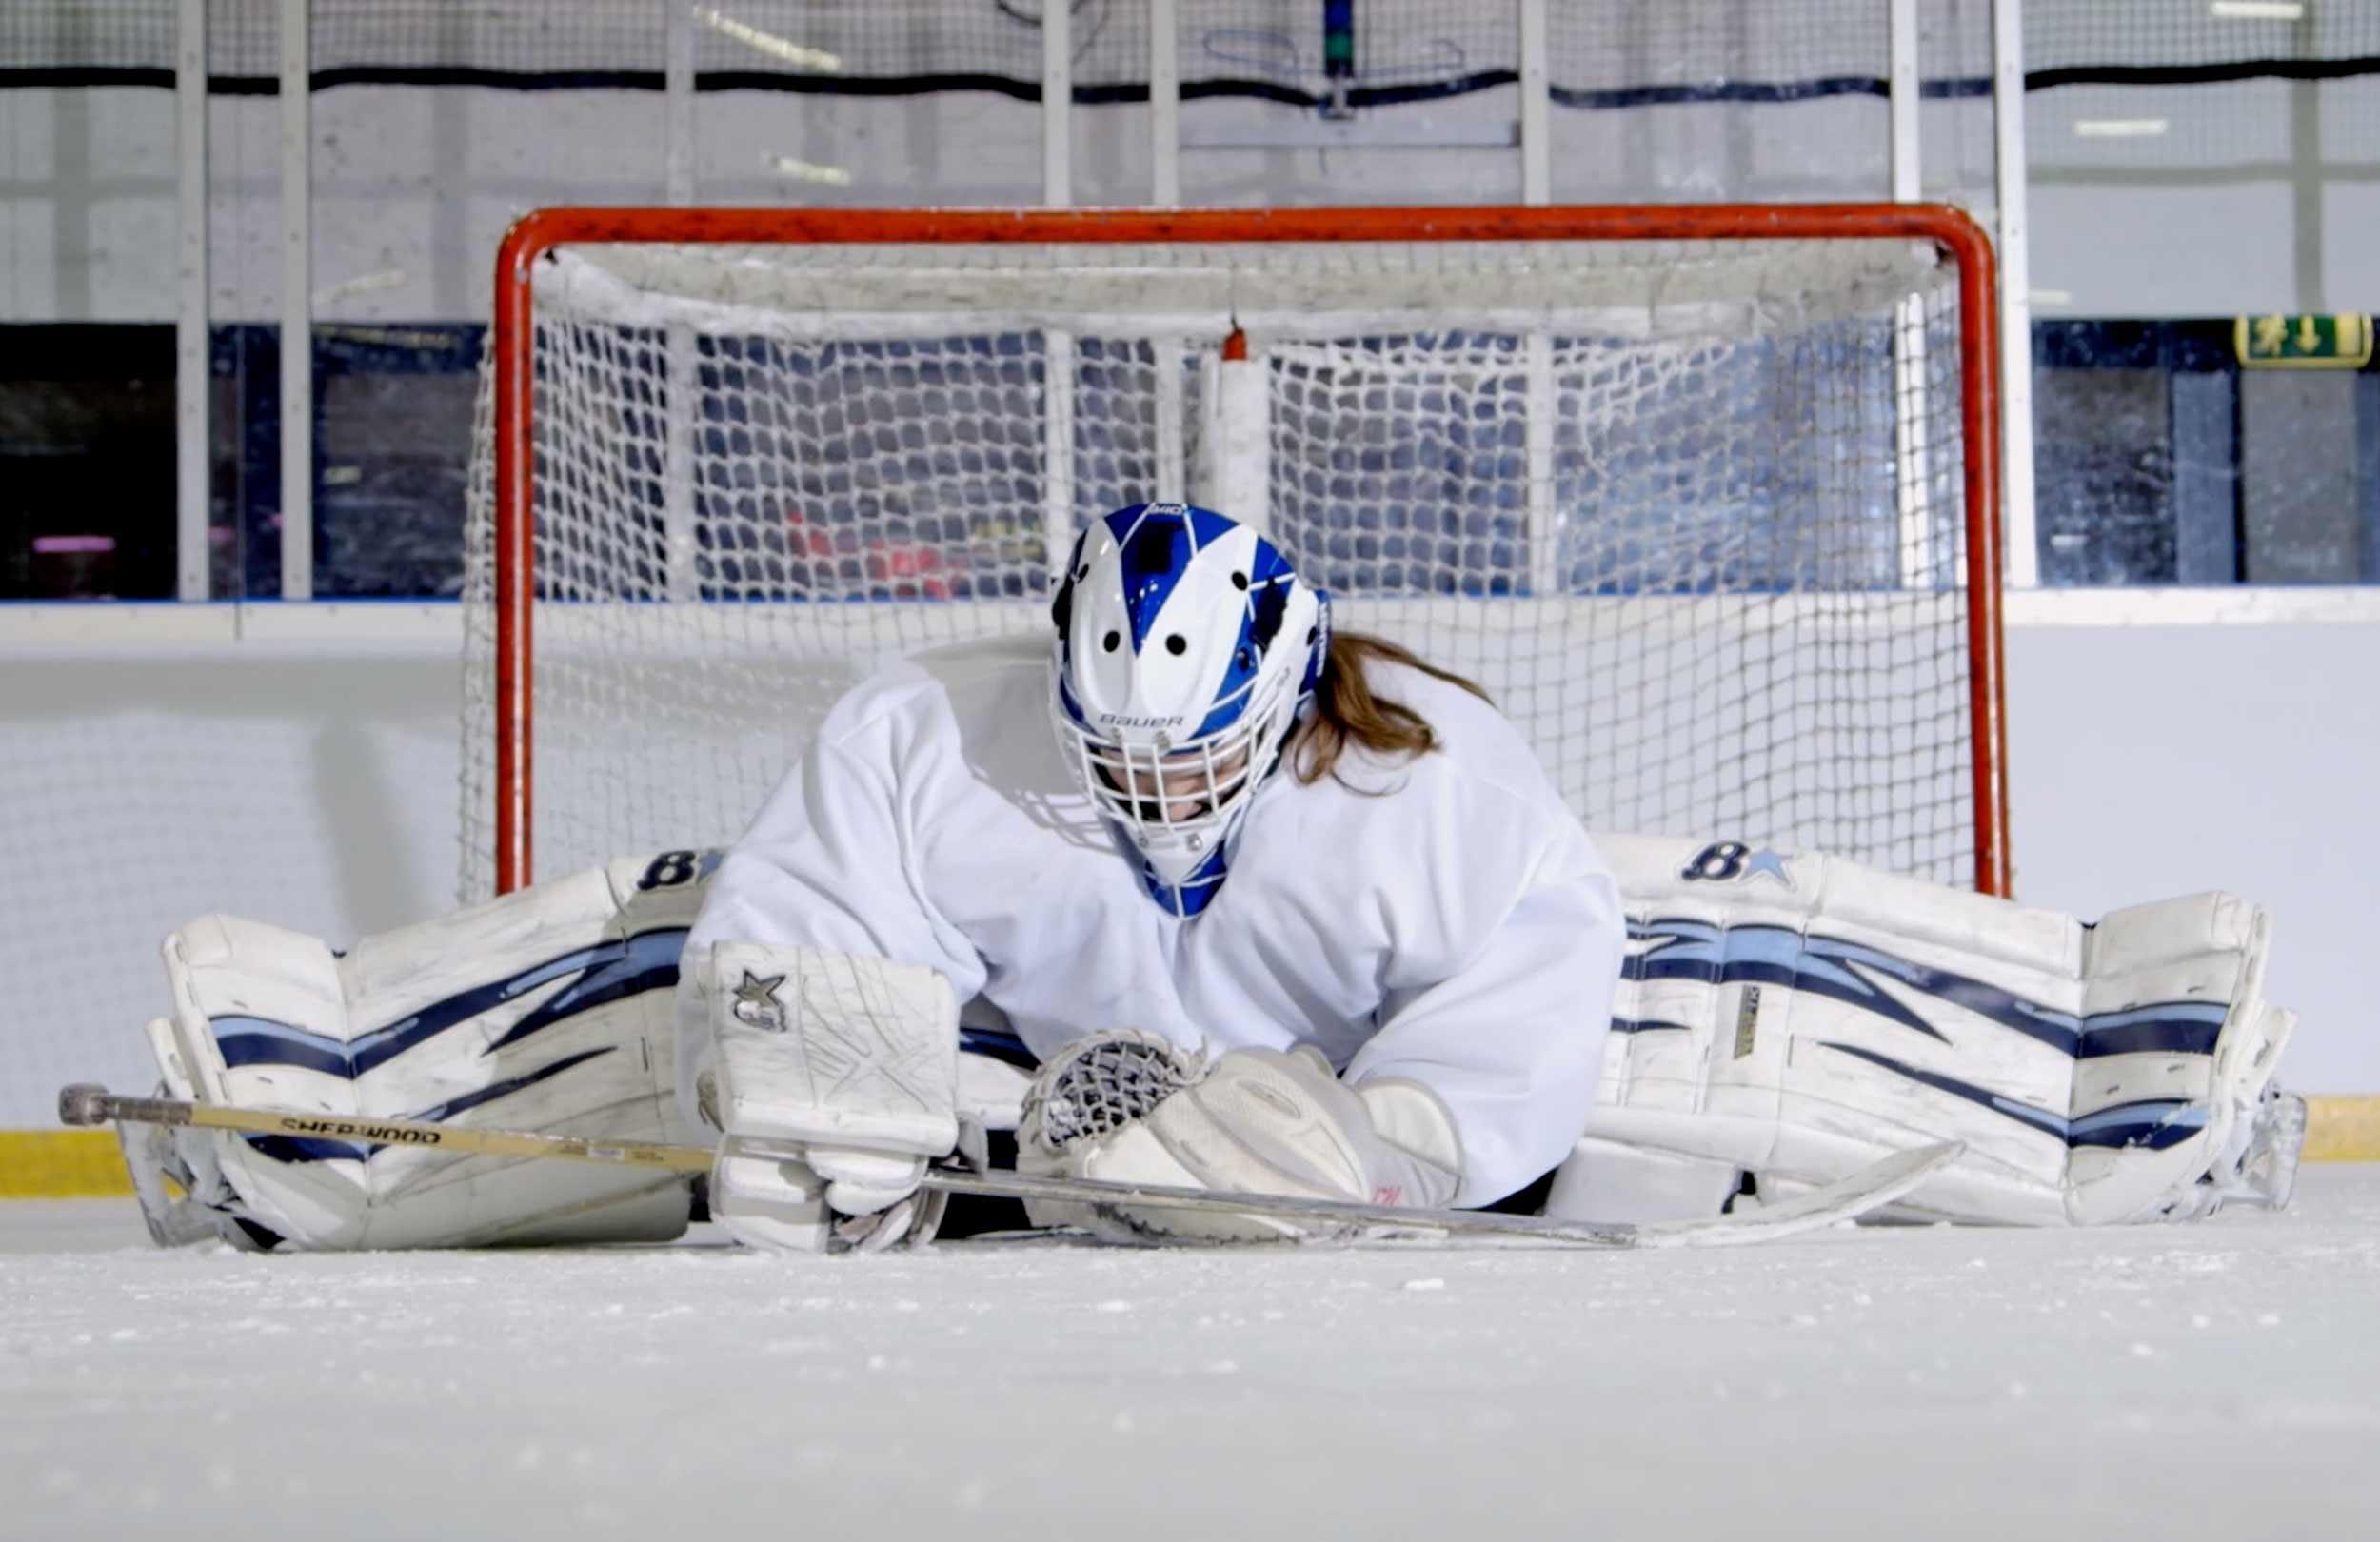 Eishockey-Torhüter macht Spagat